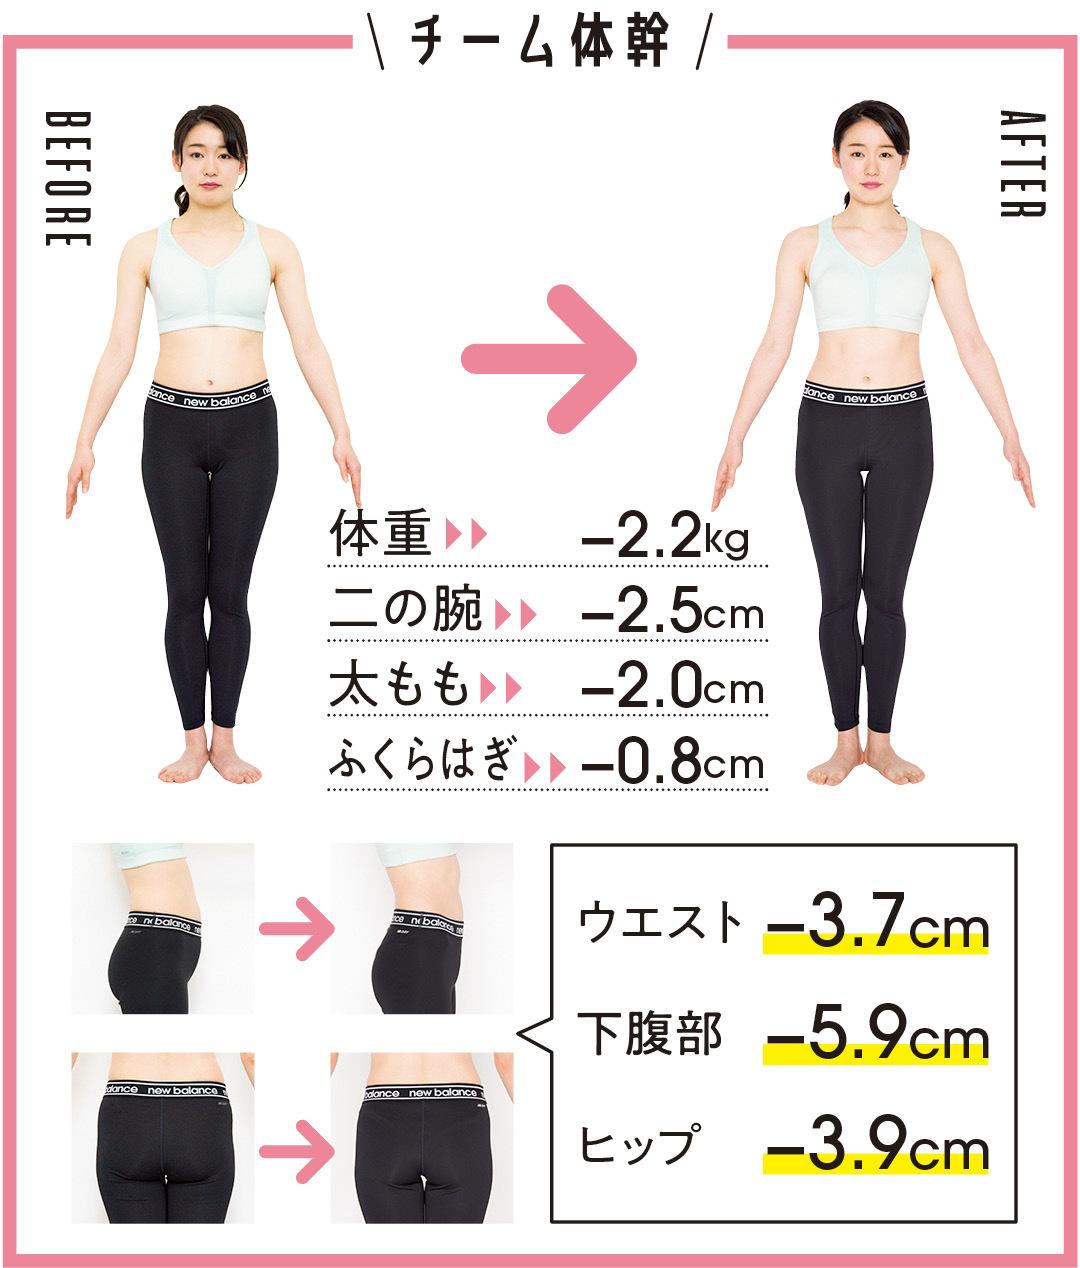 チーム体幹 体重-2.2kg 二の腕-2.5cm 太もも-2.0cm ふくらはぎ-0.83cm ウエスト-3.7cm 下腹部-5.9cm ヒップ-3.9cm